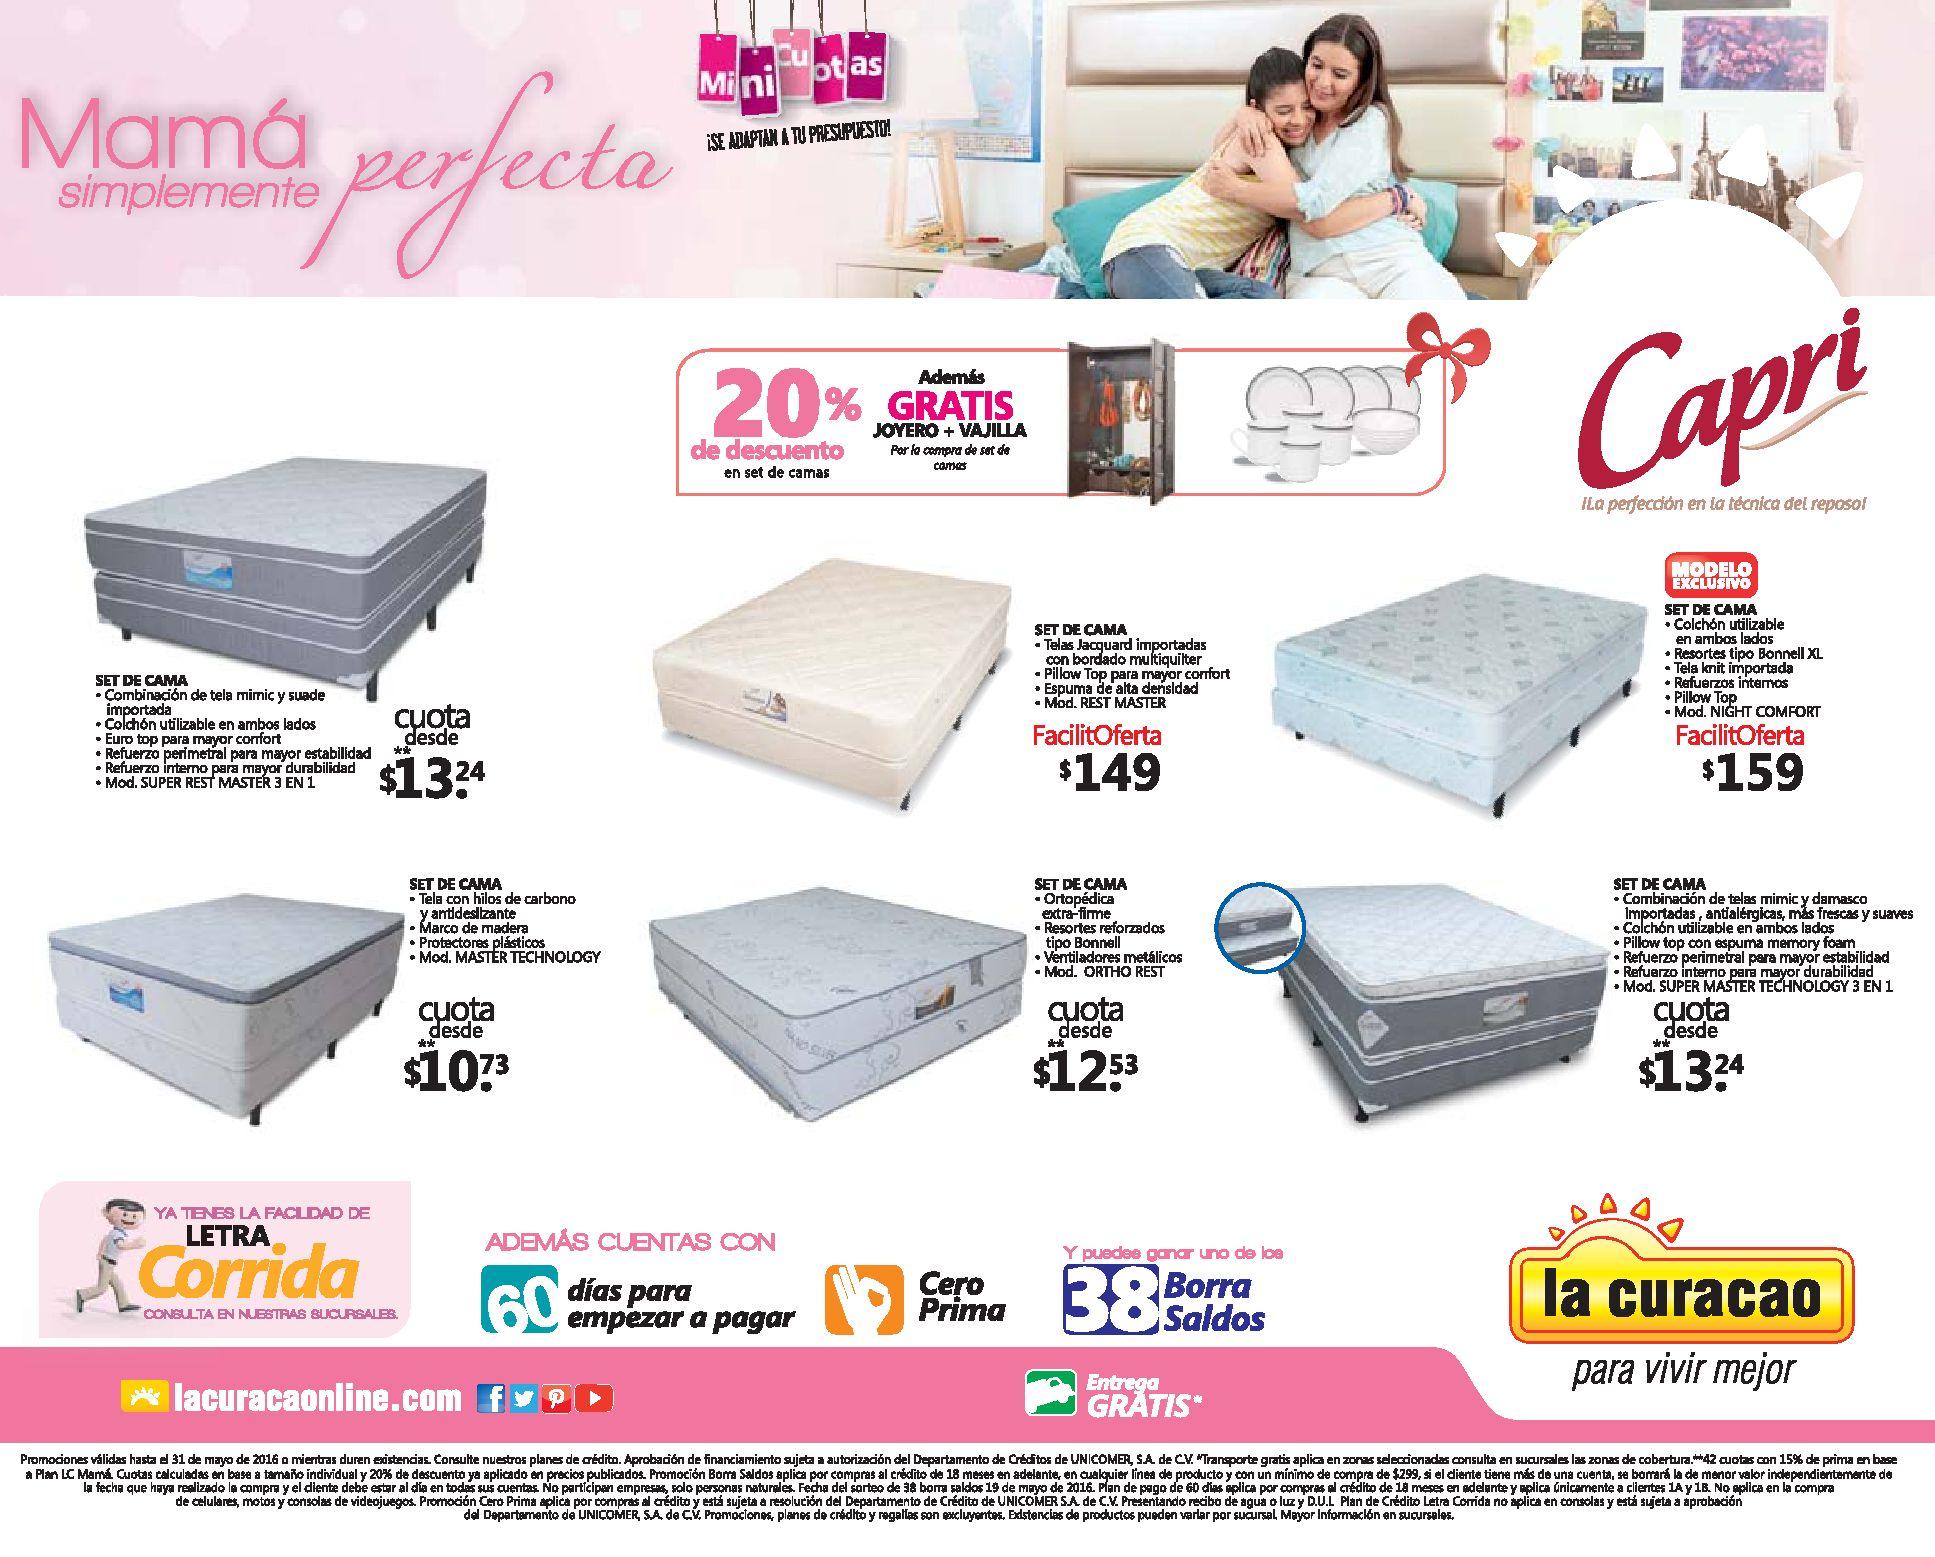 6 camas en promocion para mama en la curacao ofertas ahora for Camas en oferta